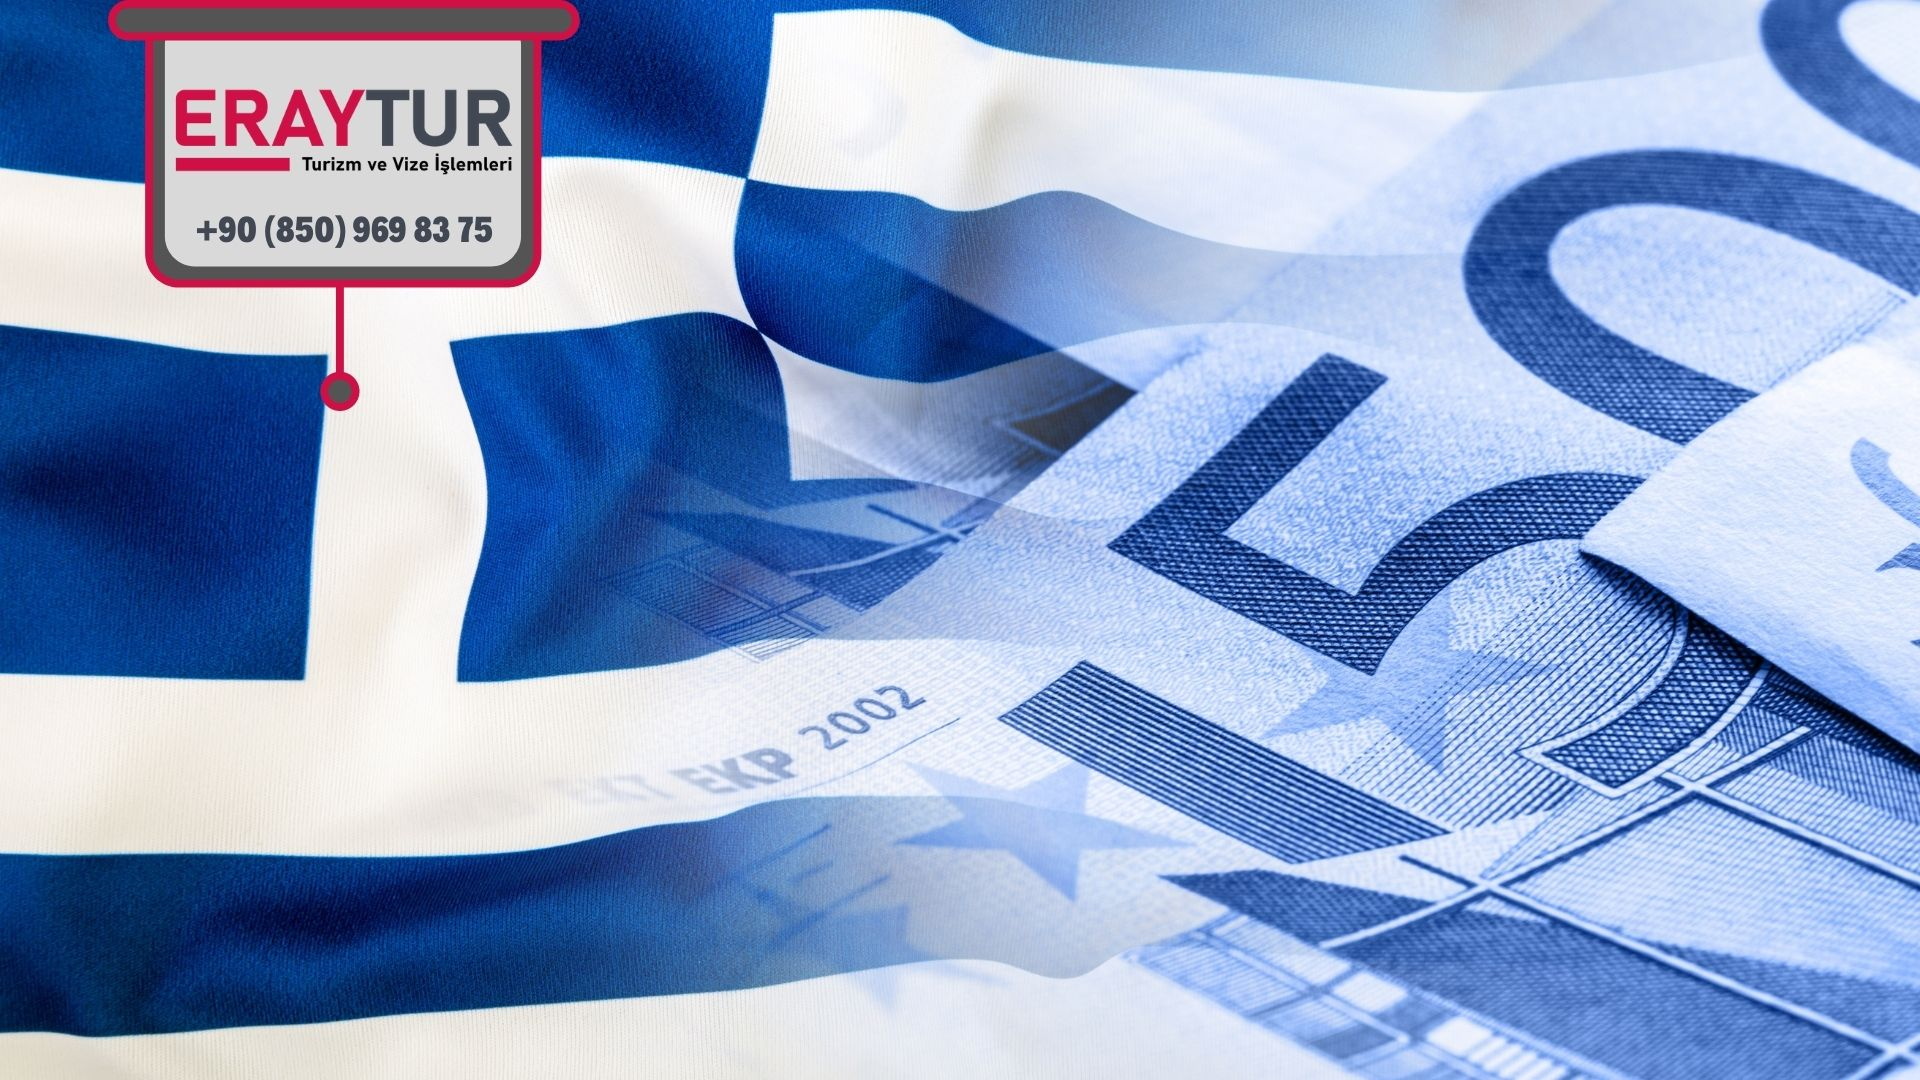 Yunanistan Danışmanlık Ücretleri